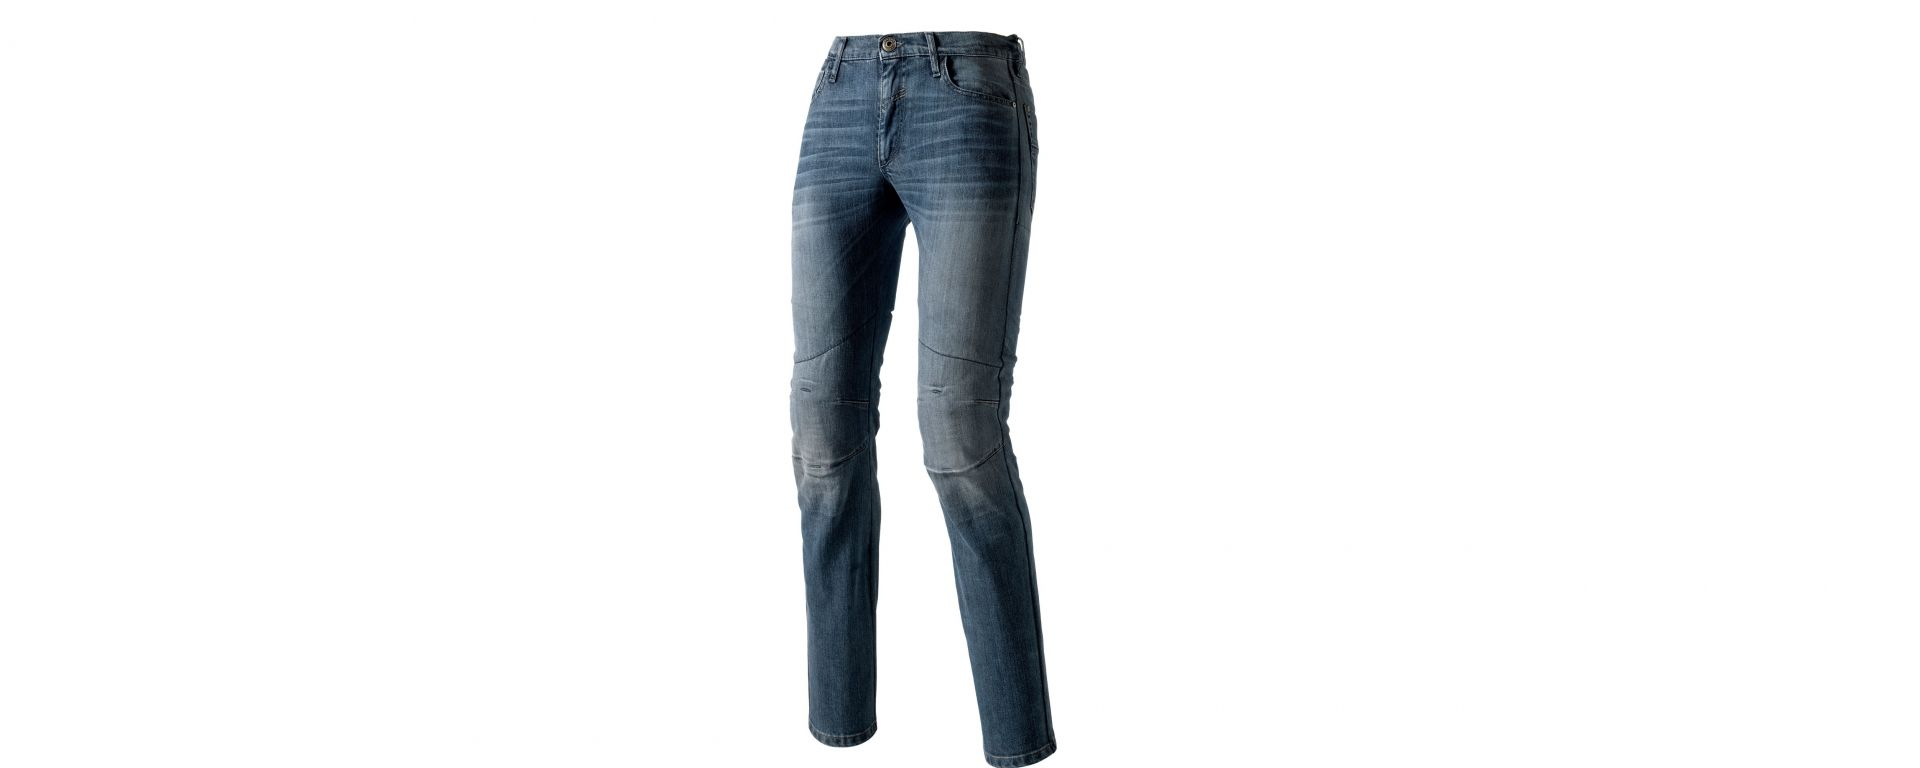 Il jeans Clover SYS-4 in versione uomo nella colorazione Dark Blue